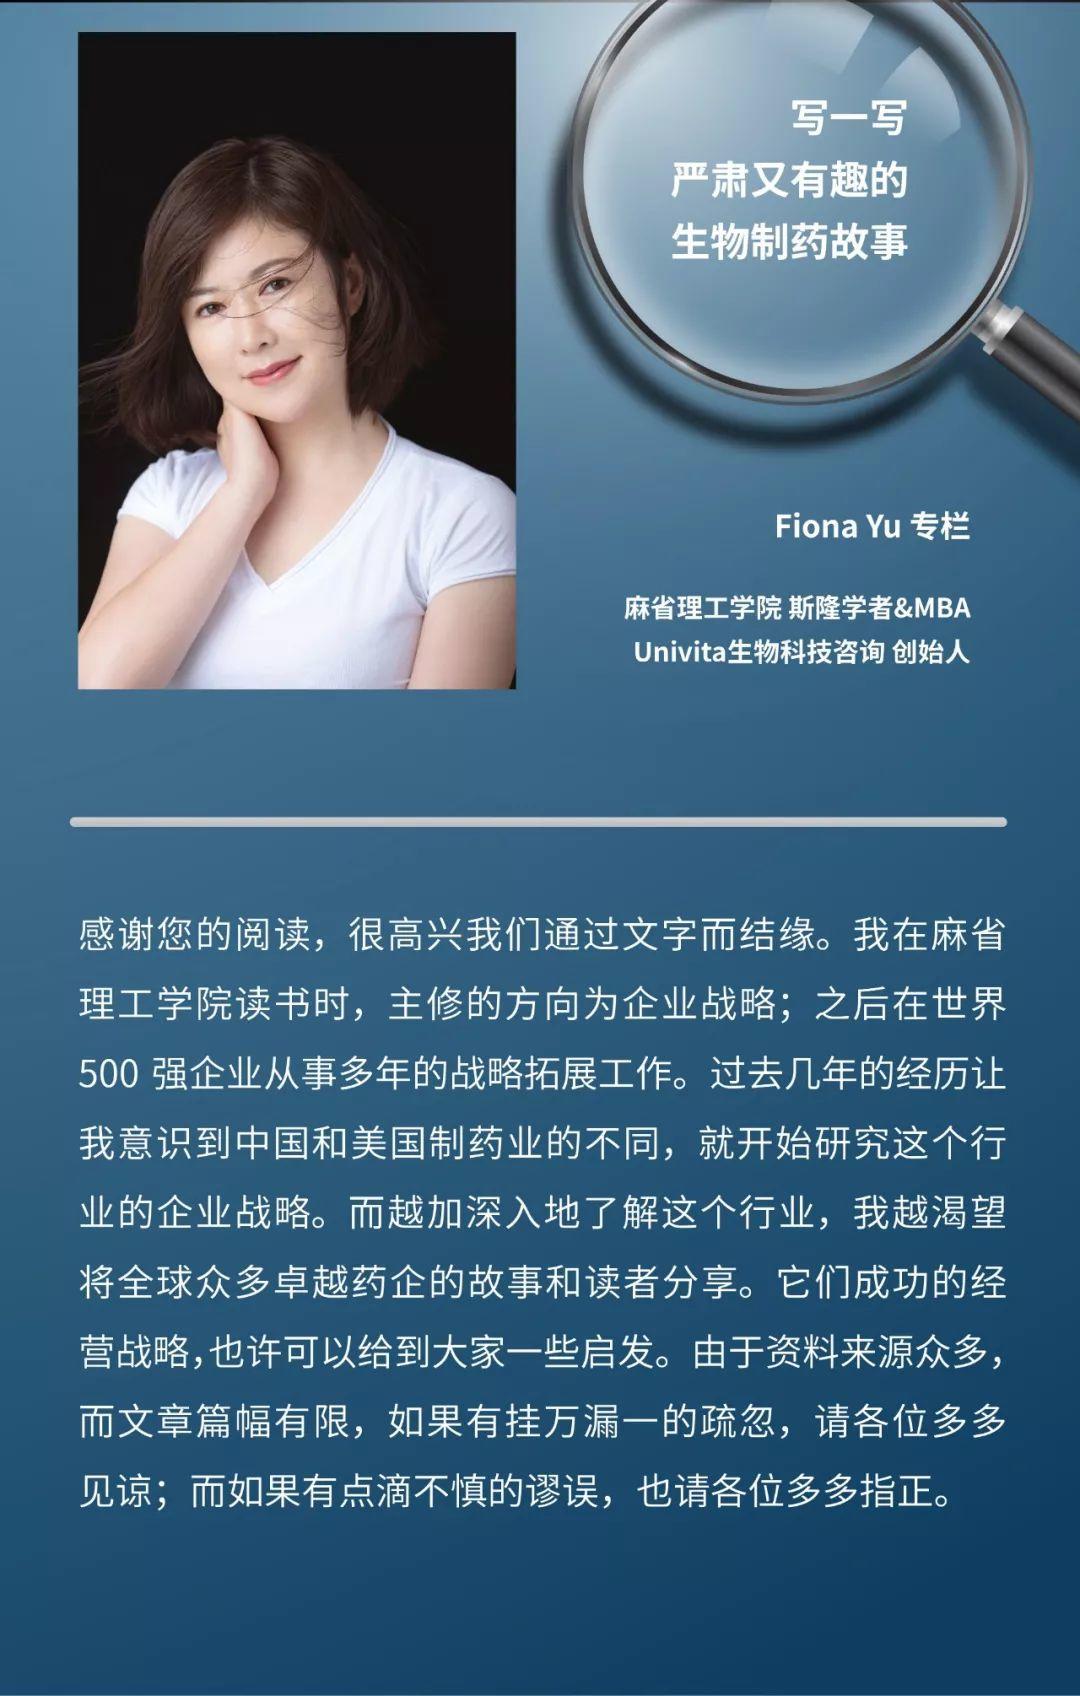 Fiona Yu专栏 | 默沙东(MSD)能凭K药乘风破浪,霸王再起吗?